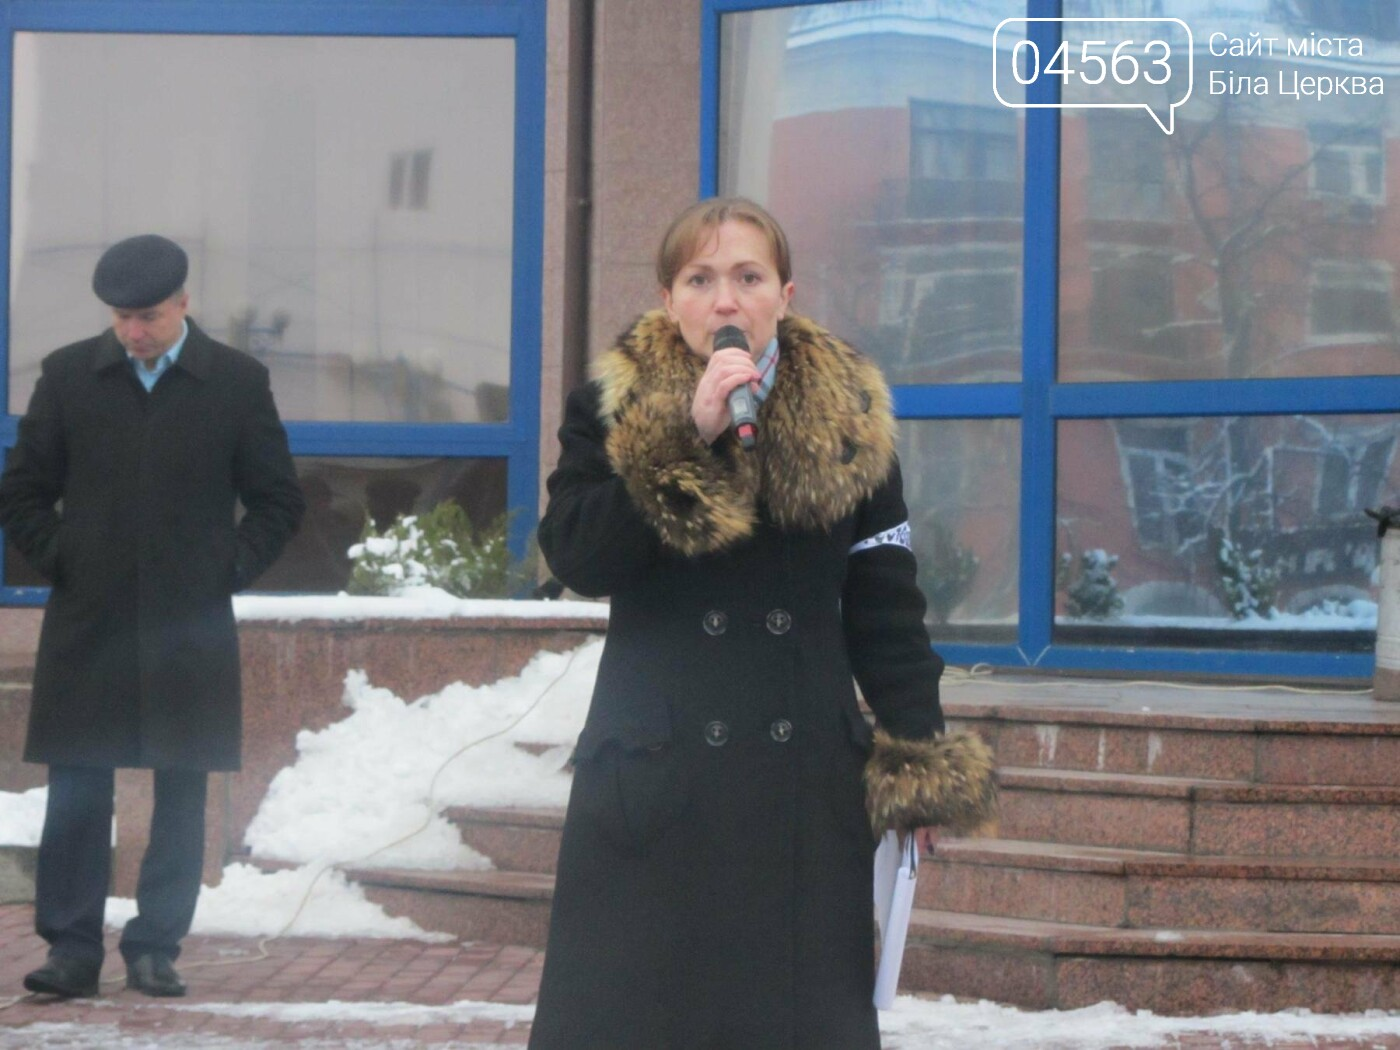 В Білій Церкві пройшов мітинг на підтримку театру Саксаганського, фото-4